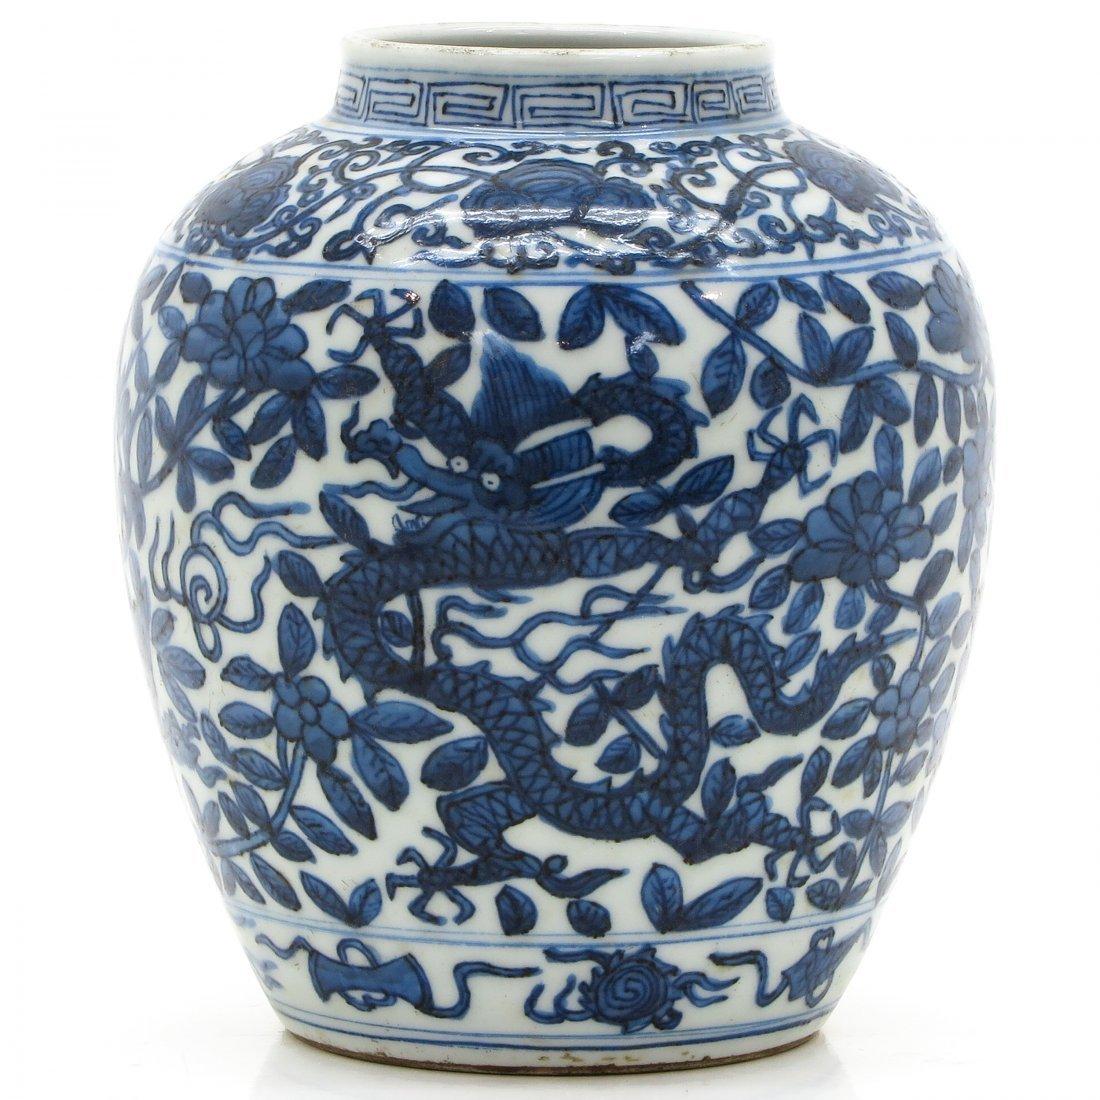 China Porcelain Vase